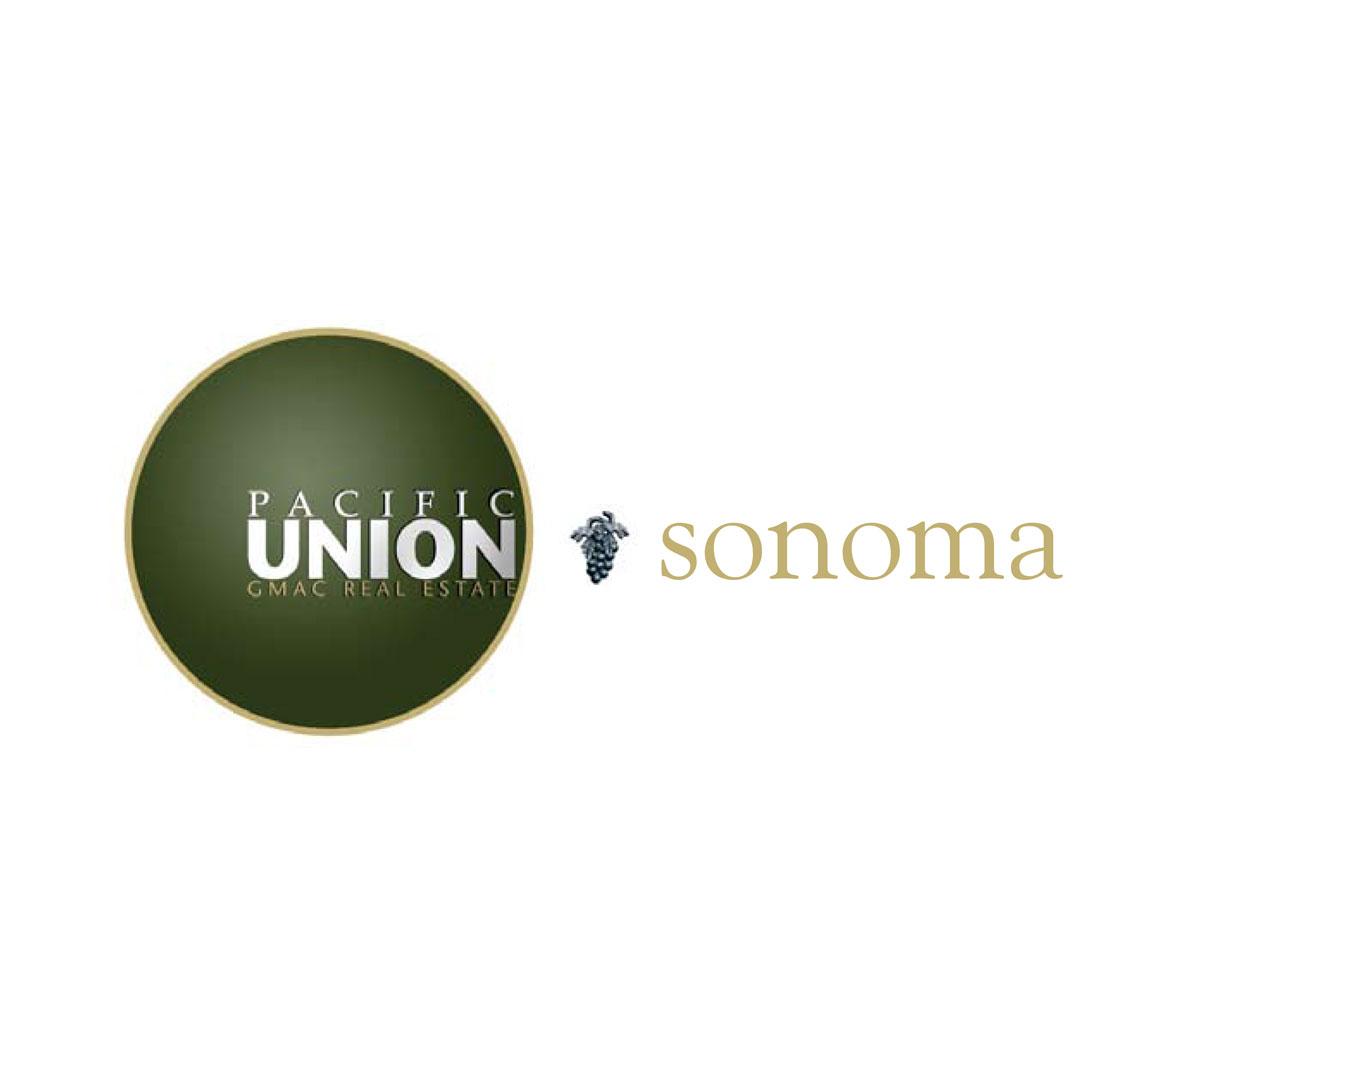 Campaign- Pacific Union